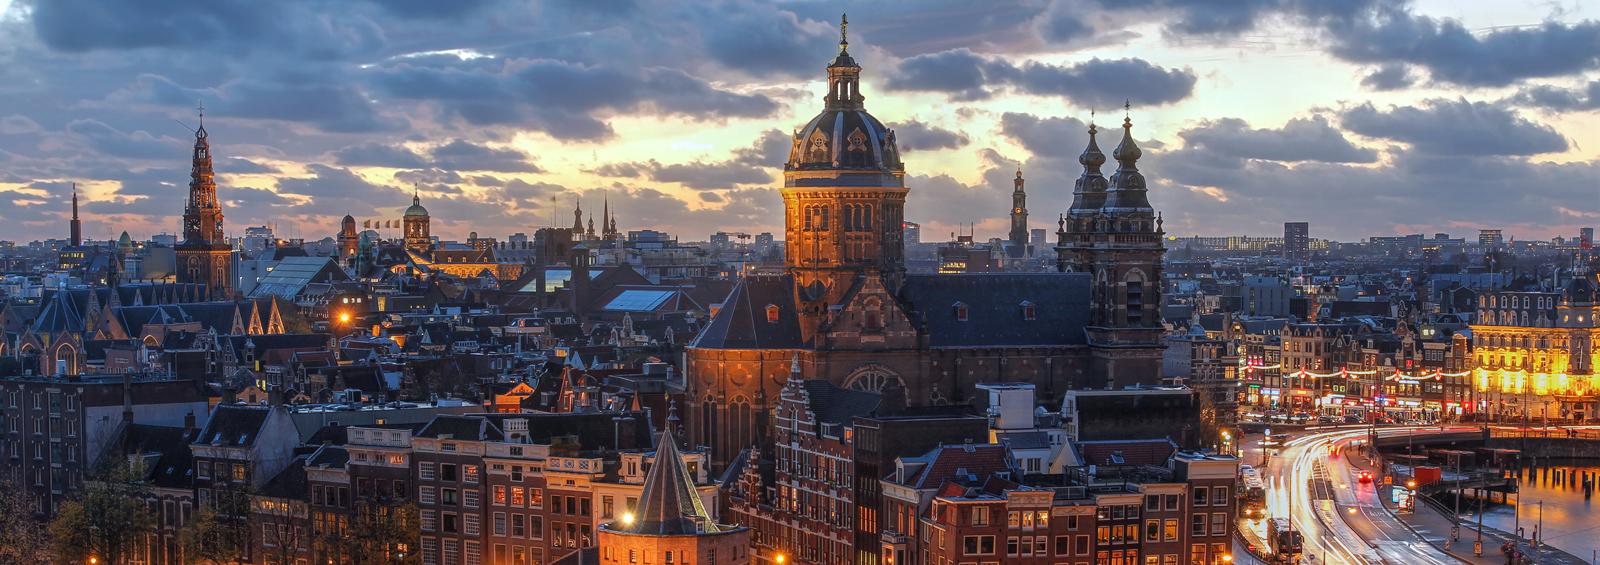 Amsterdam Klassenfahrten